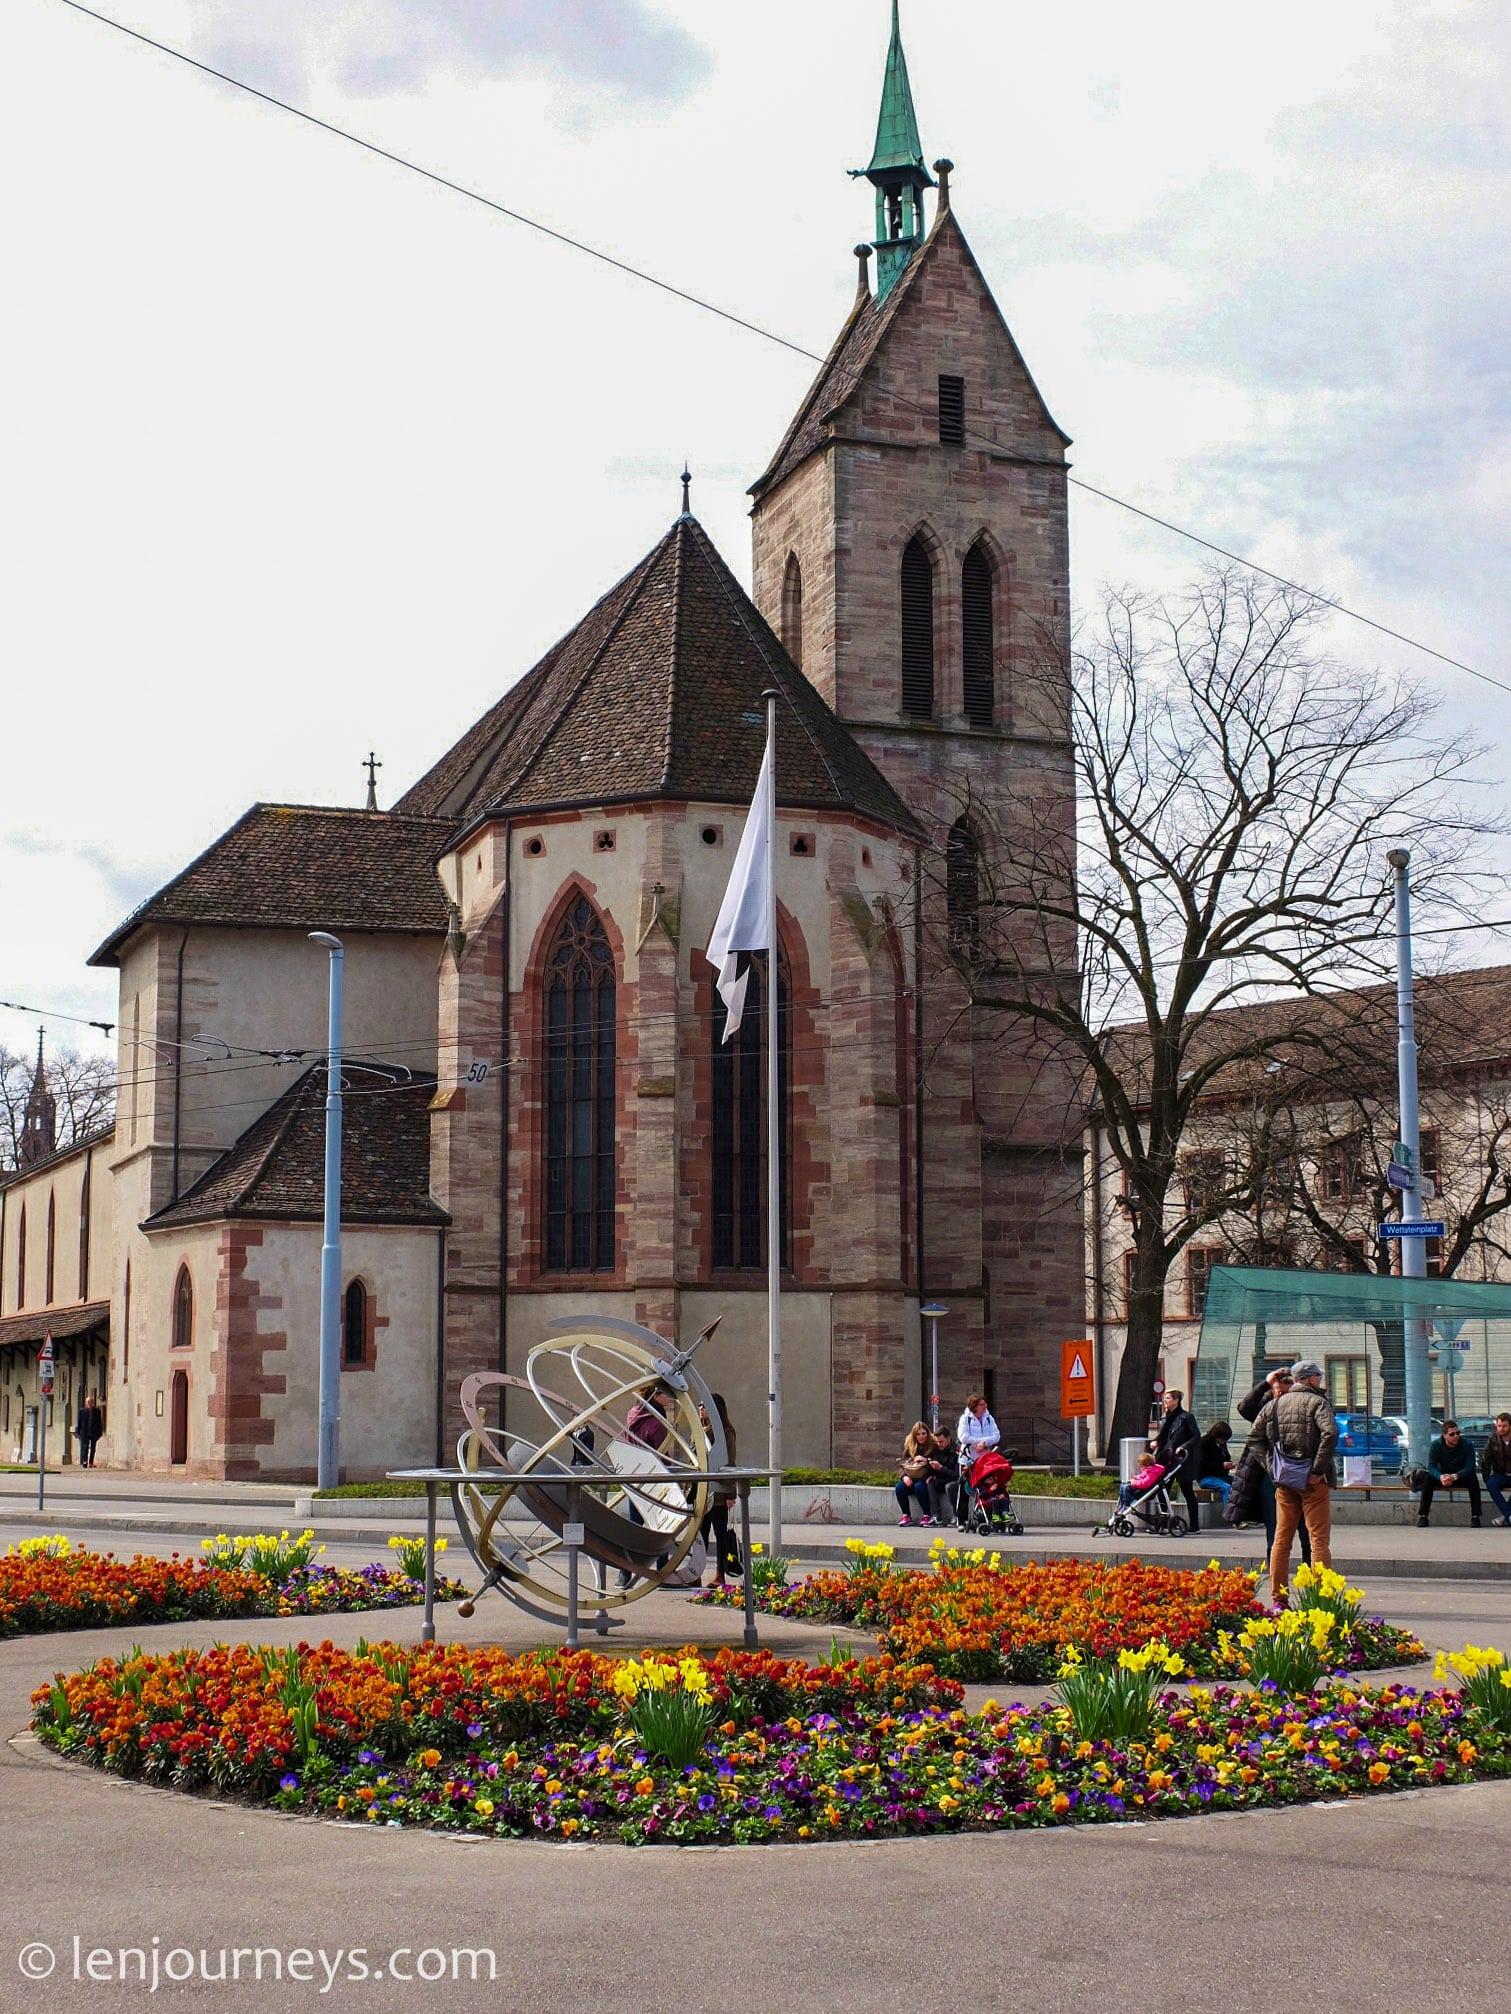 Historic church in Little Basel